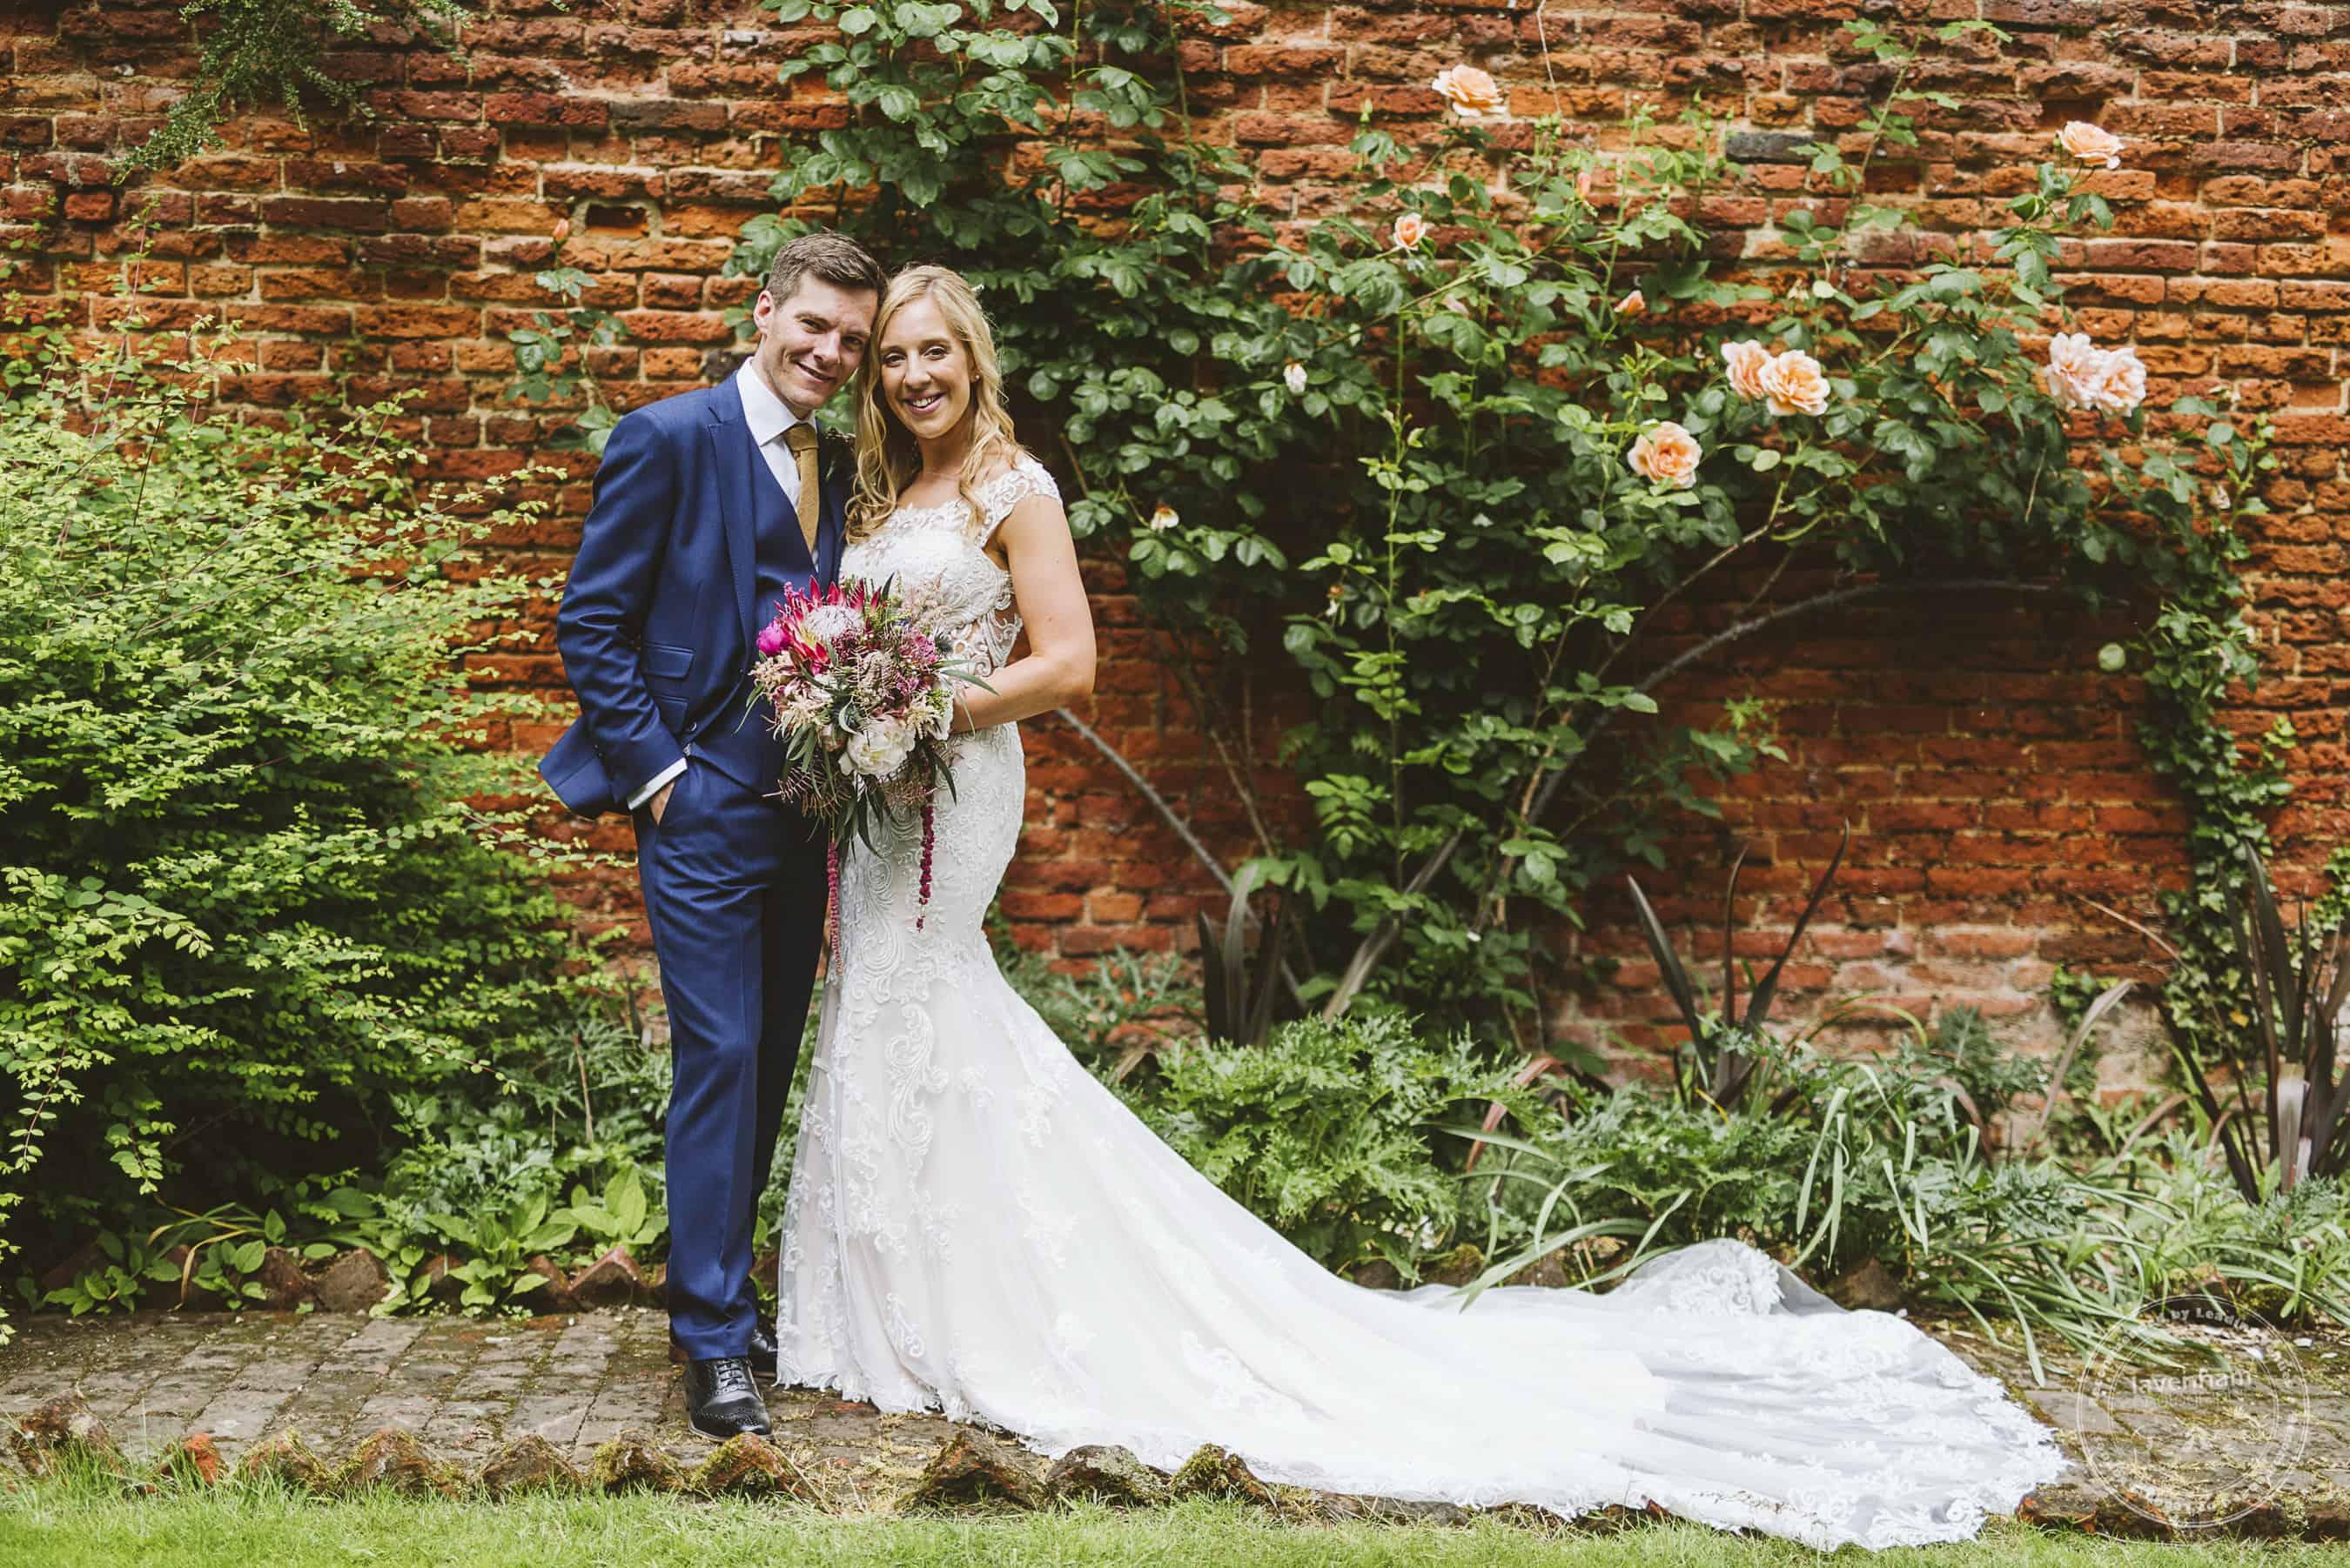 020618 Leez Priory Wedding Photography Lavenham Photographic 111